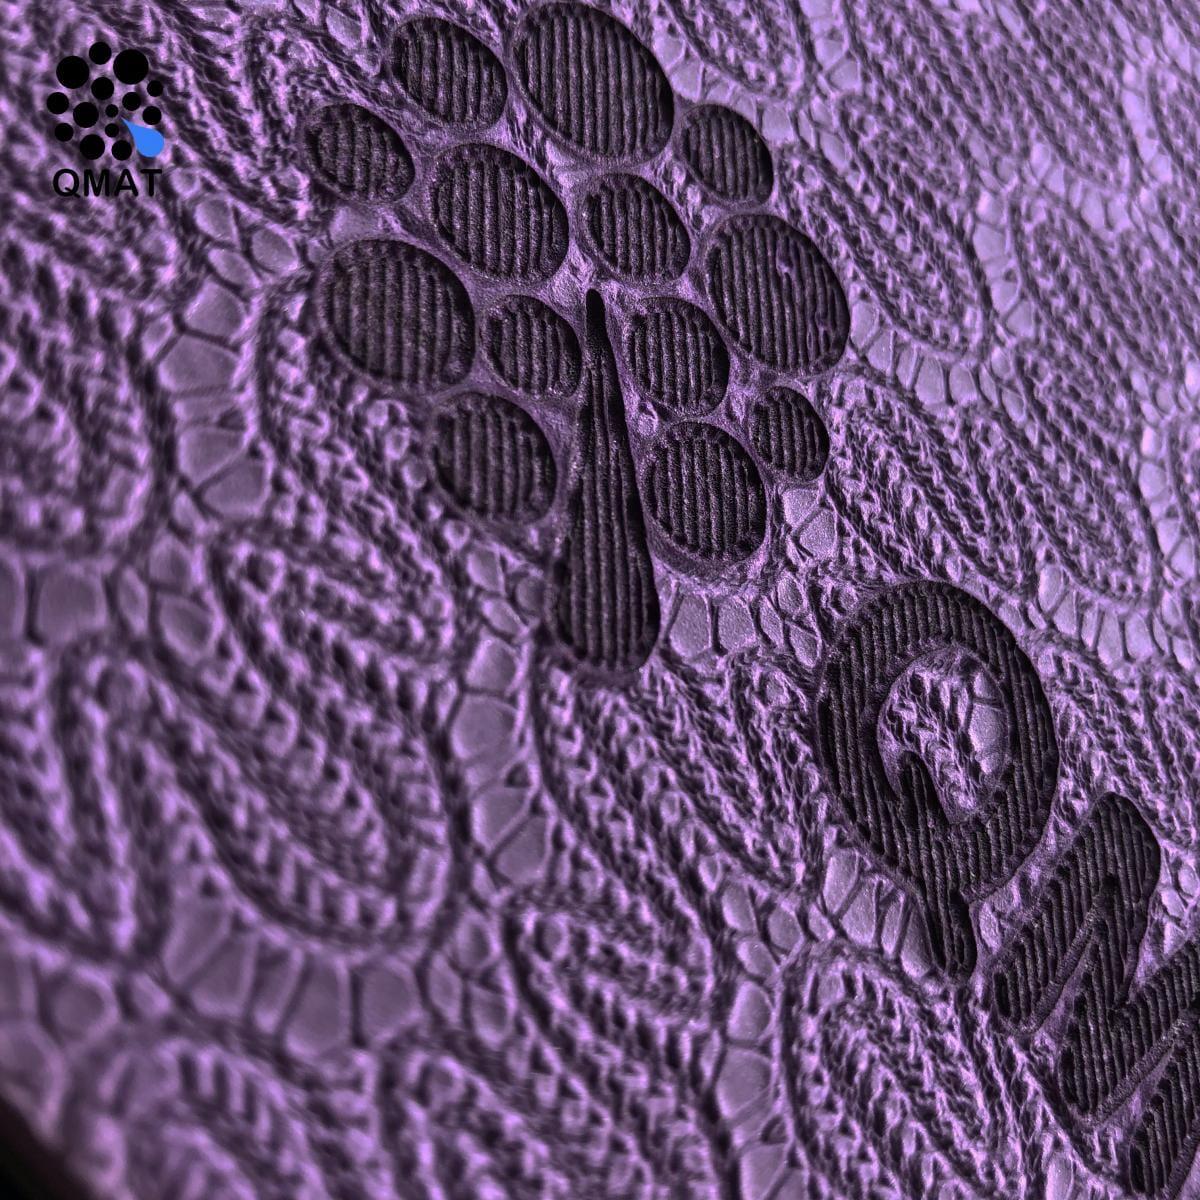 【QMAT】 10mm 雙色運動墊(共六色) 18